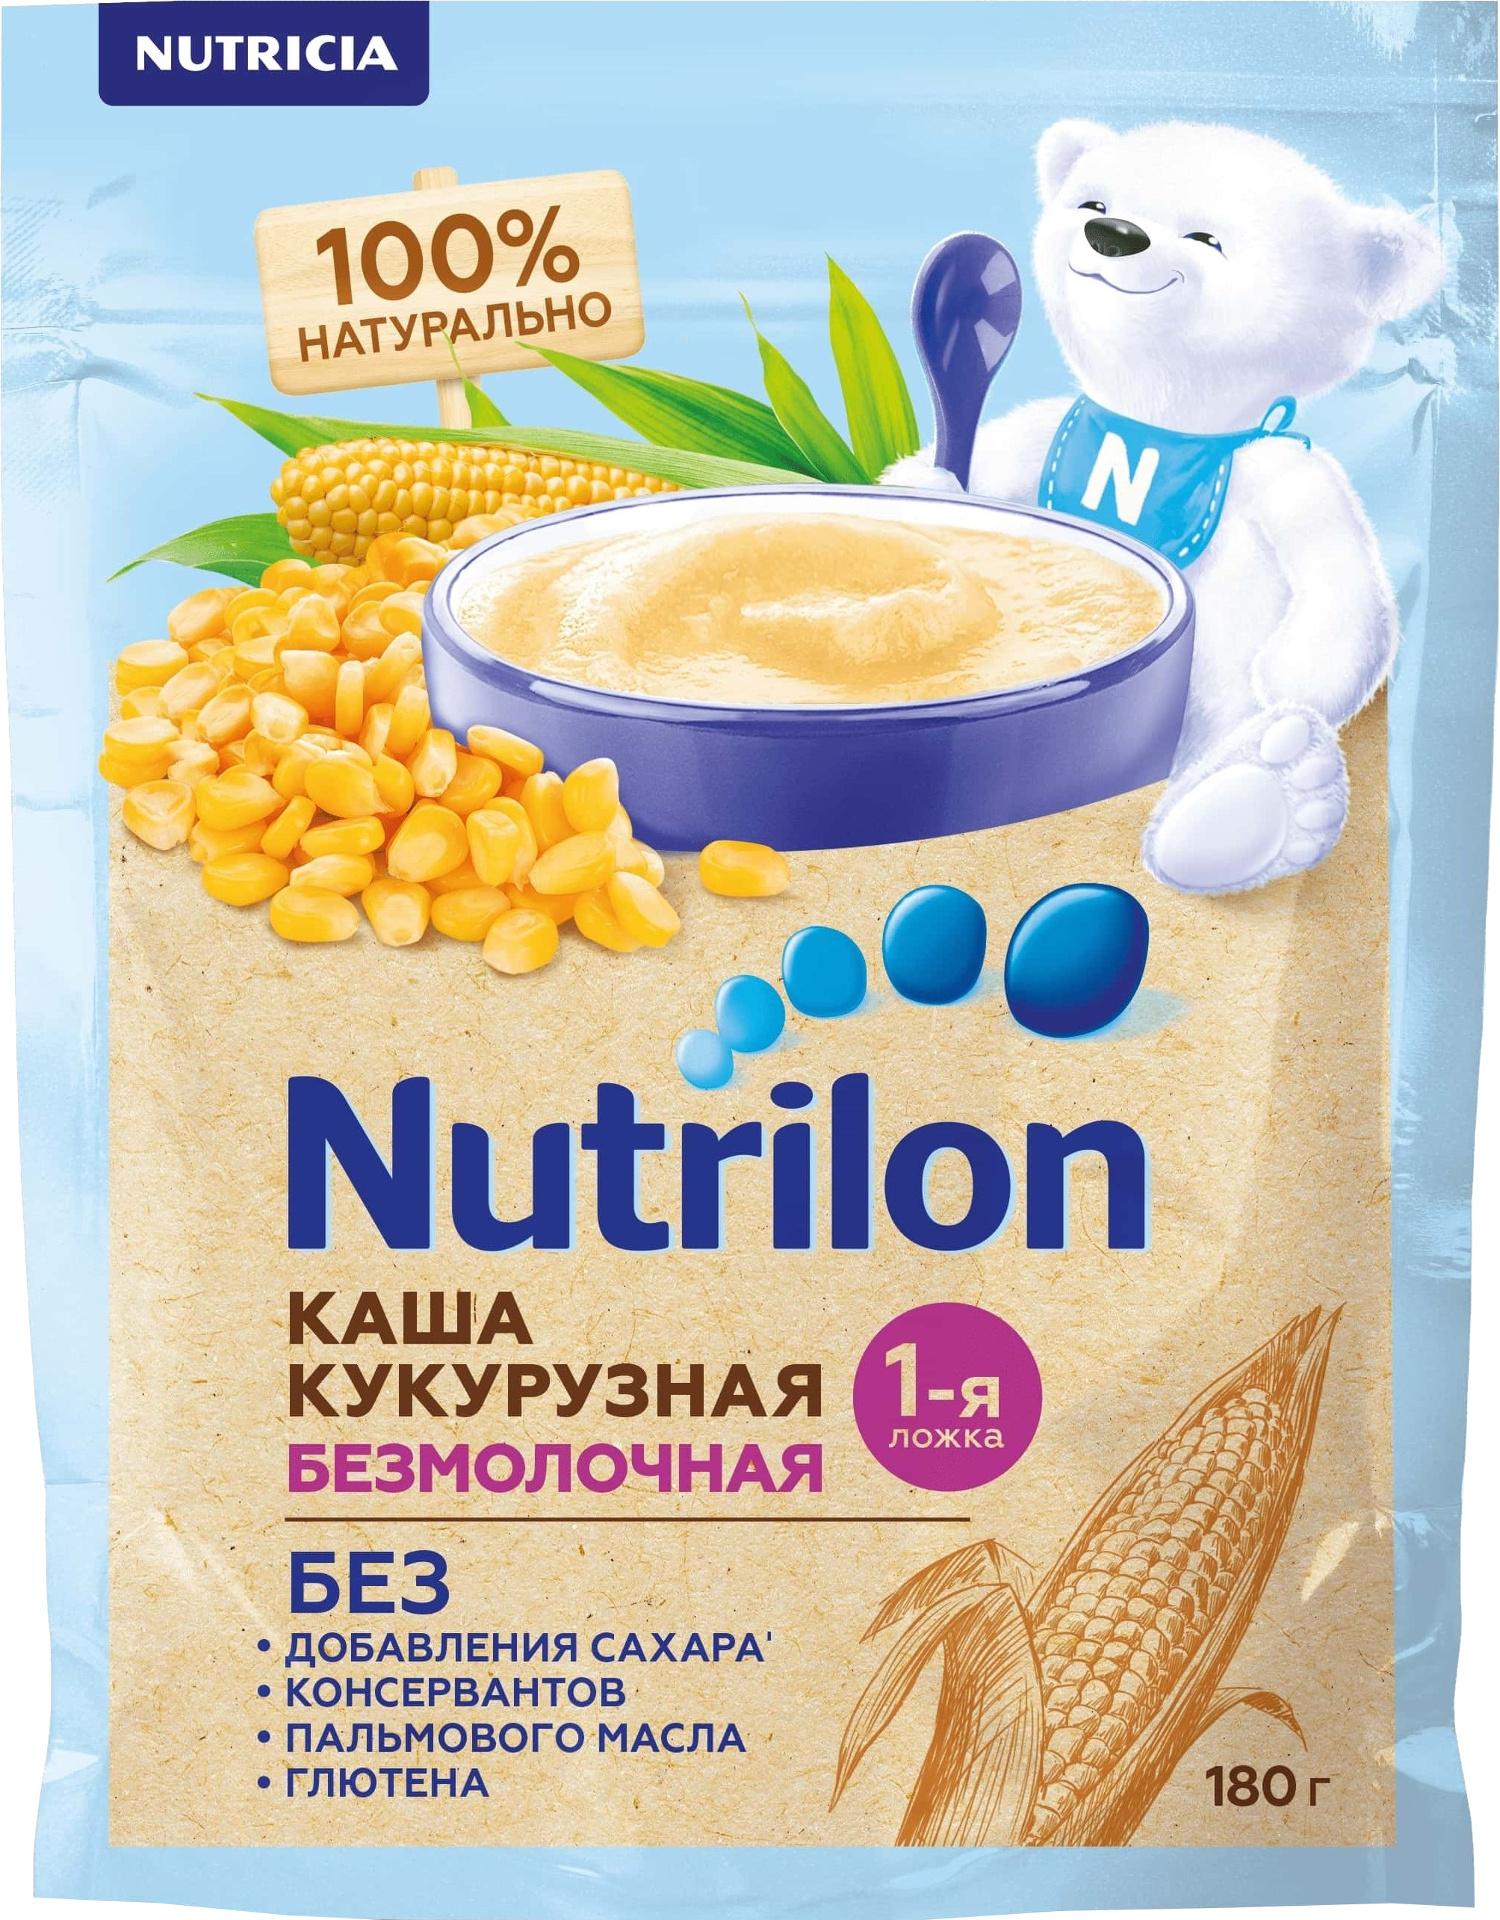 Фото - Каша Nutrilon безмолочная кукурузная с 5 мес. 180 г детские каши супчики и макароны kabrita